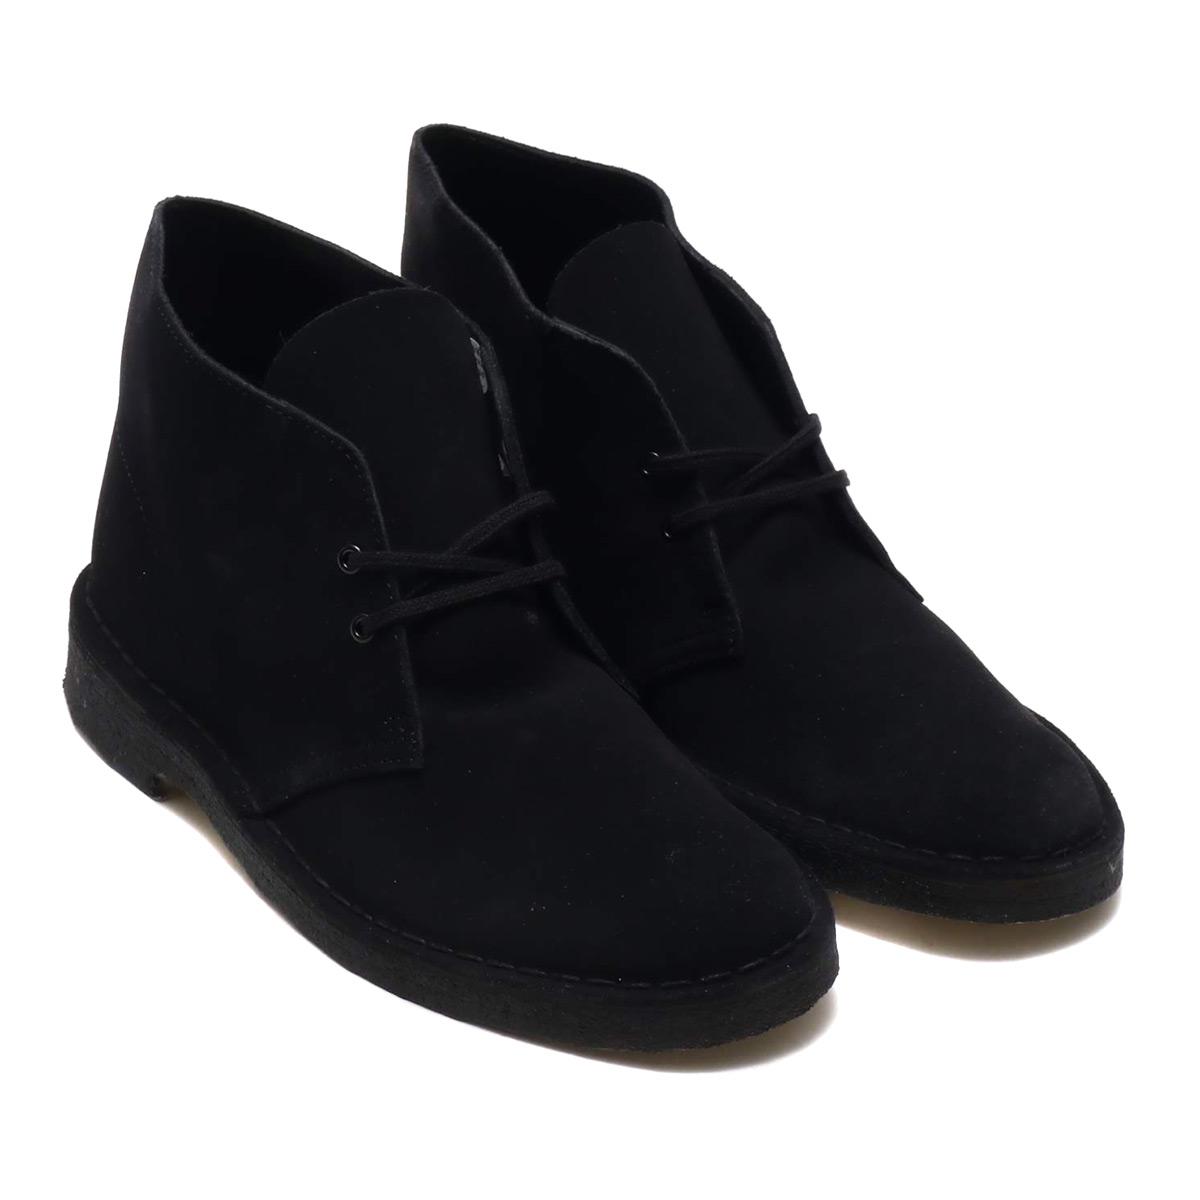 Clarks Desert Boot (クラークス デザート ブーツ)Black Suede【メンズ ブーツ】18FW-I